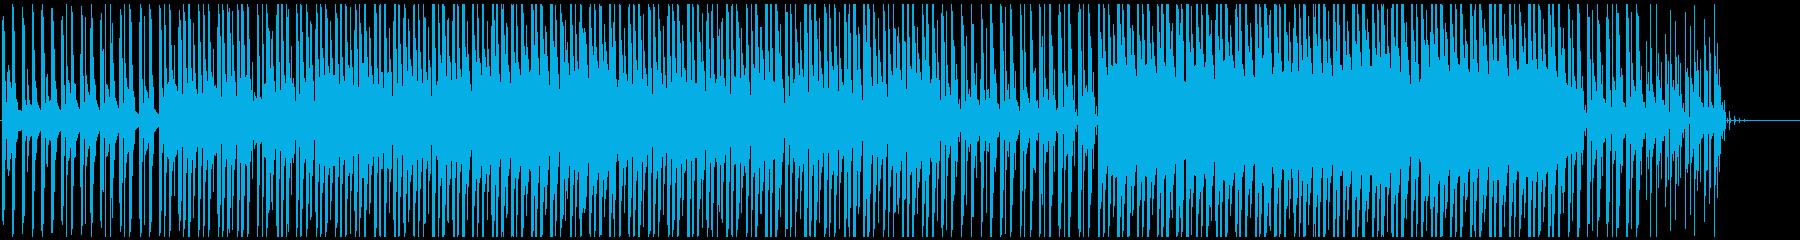 サイケデリックなサウンドスケープ。...の再生済みの波形